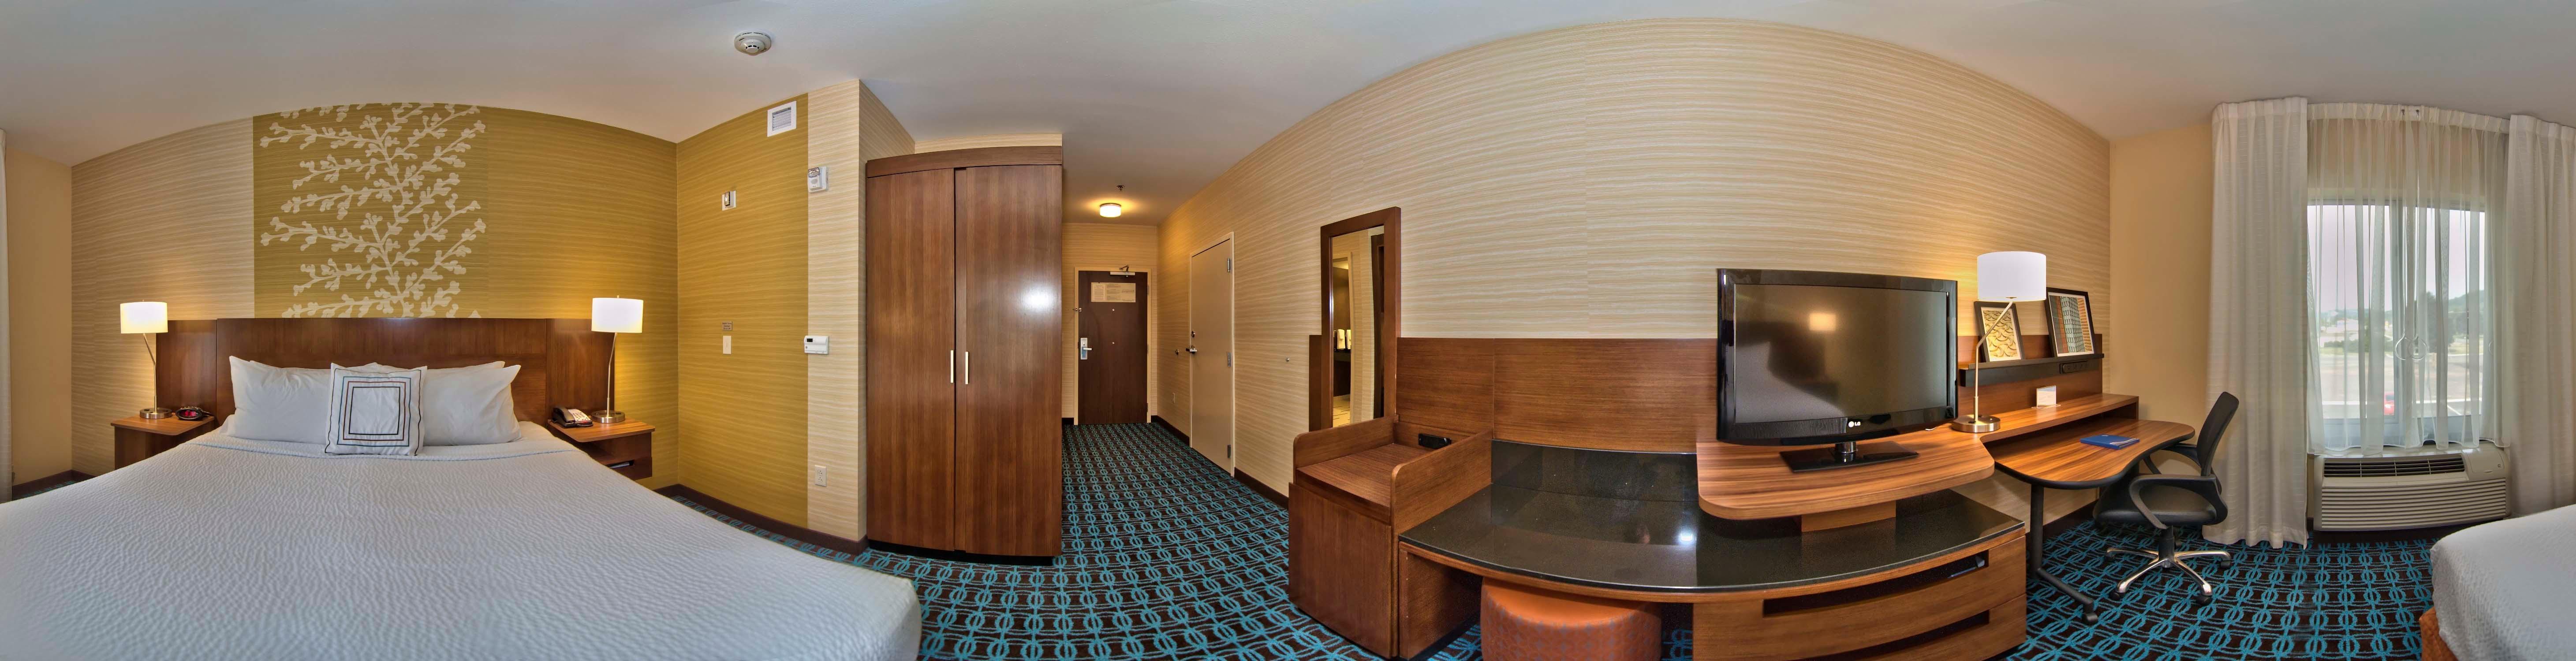 Fairfield Inn & Suites by Marriott Towanda Wysox image 2